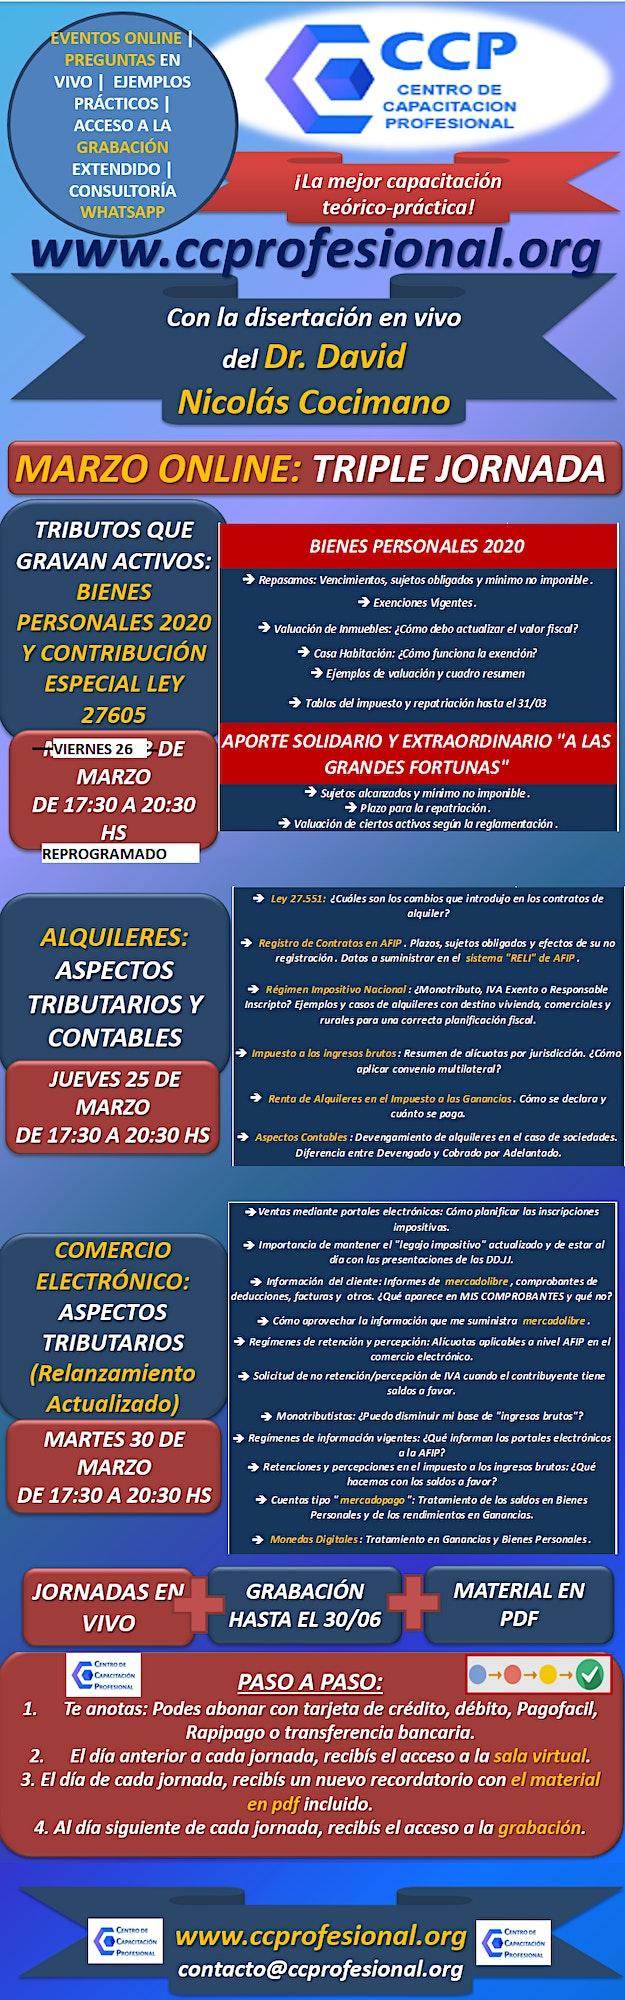 Imagen de MARZO ONLINE: ALQUILERES, COMERCIO ELECTRÓNICO, BIENES PERSONALES  Y  ¡MAS!